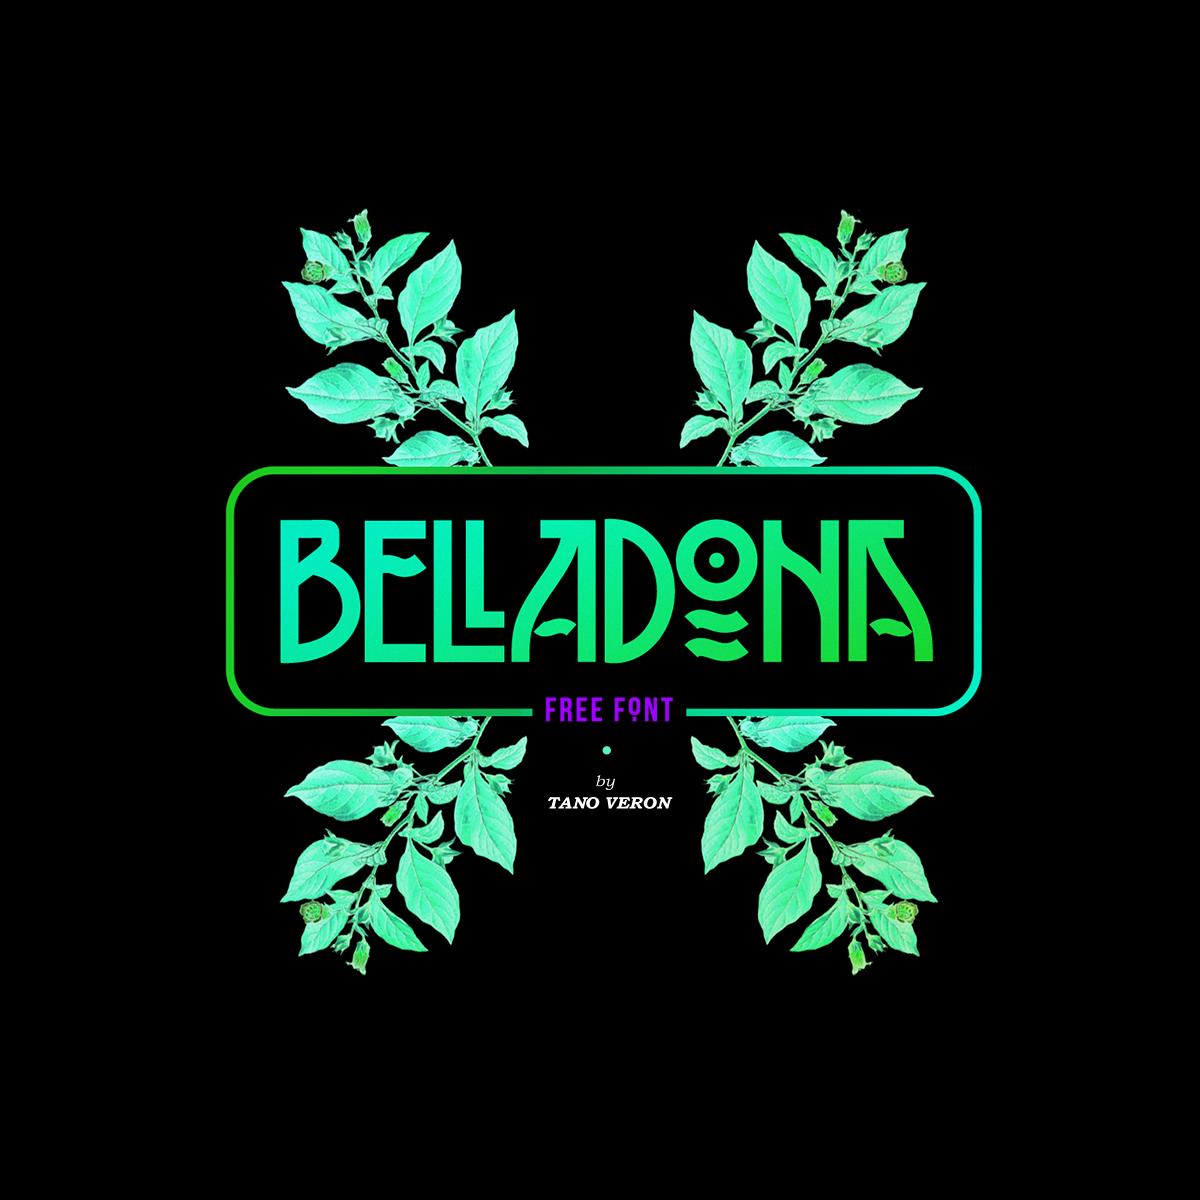 belladona belladonna beladona beladonna   Retro vintage poster fancy art nouveau New art tano old art deco